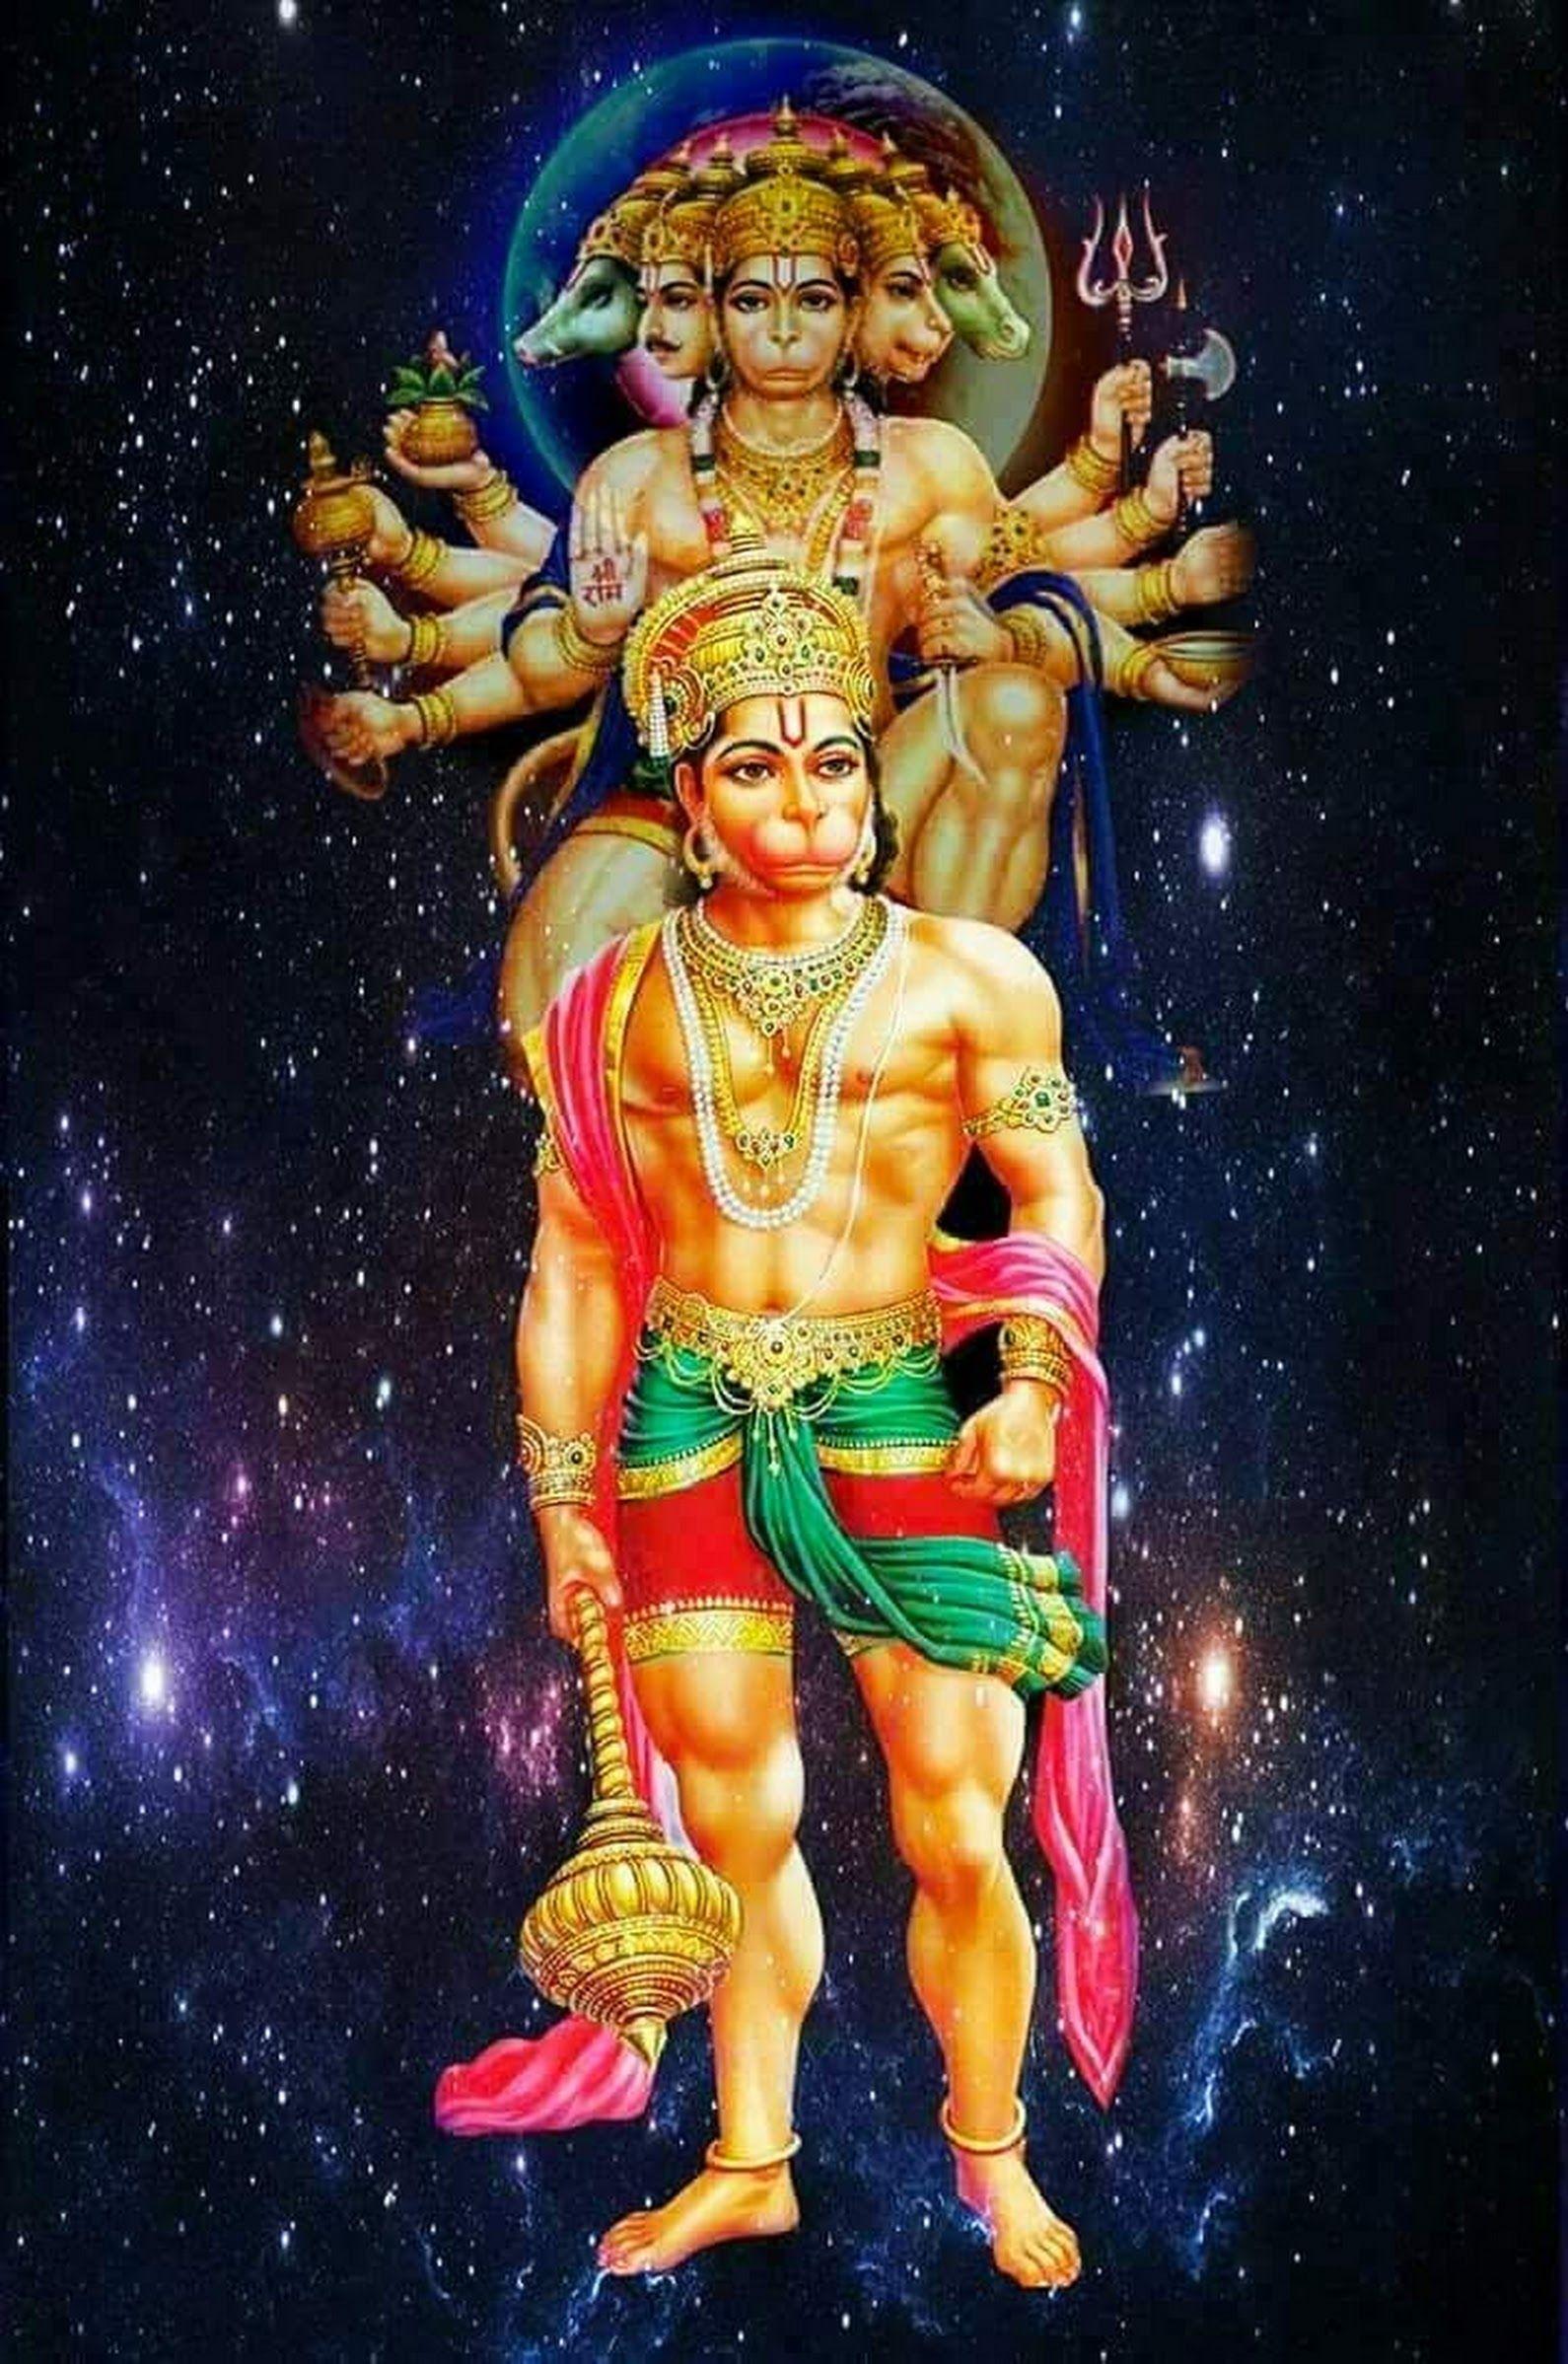 Sign In Hanuman Hanuman Pics Hanumanji Jai hanuman wallpaper hanuman images hd